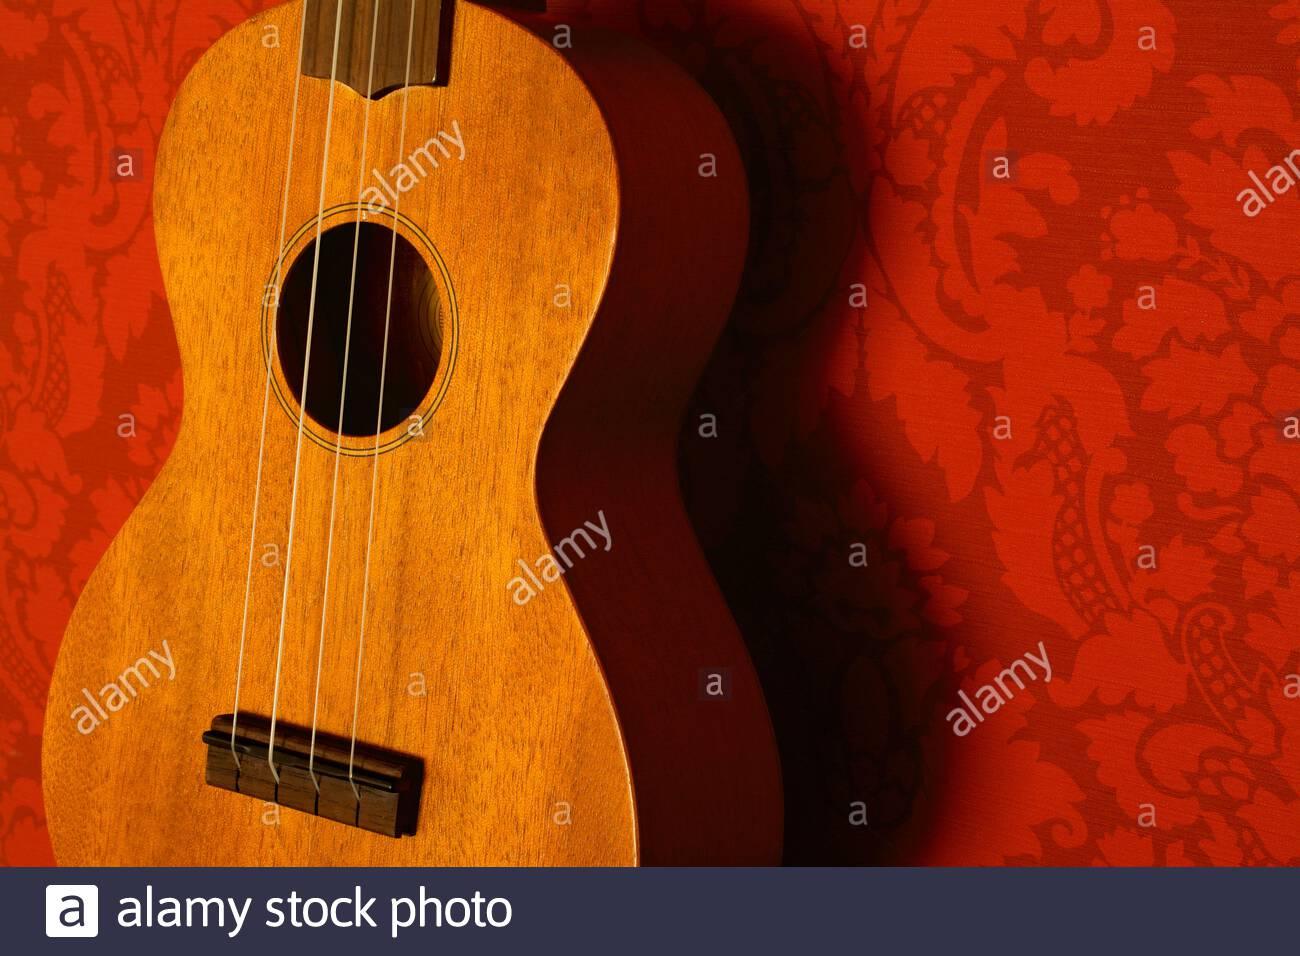 Nahaufnahme einer Ukulele mit honigfarbenem Holz vor rotem Tapetenhintergrund Stockfoto